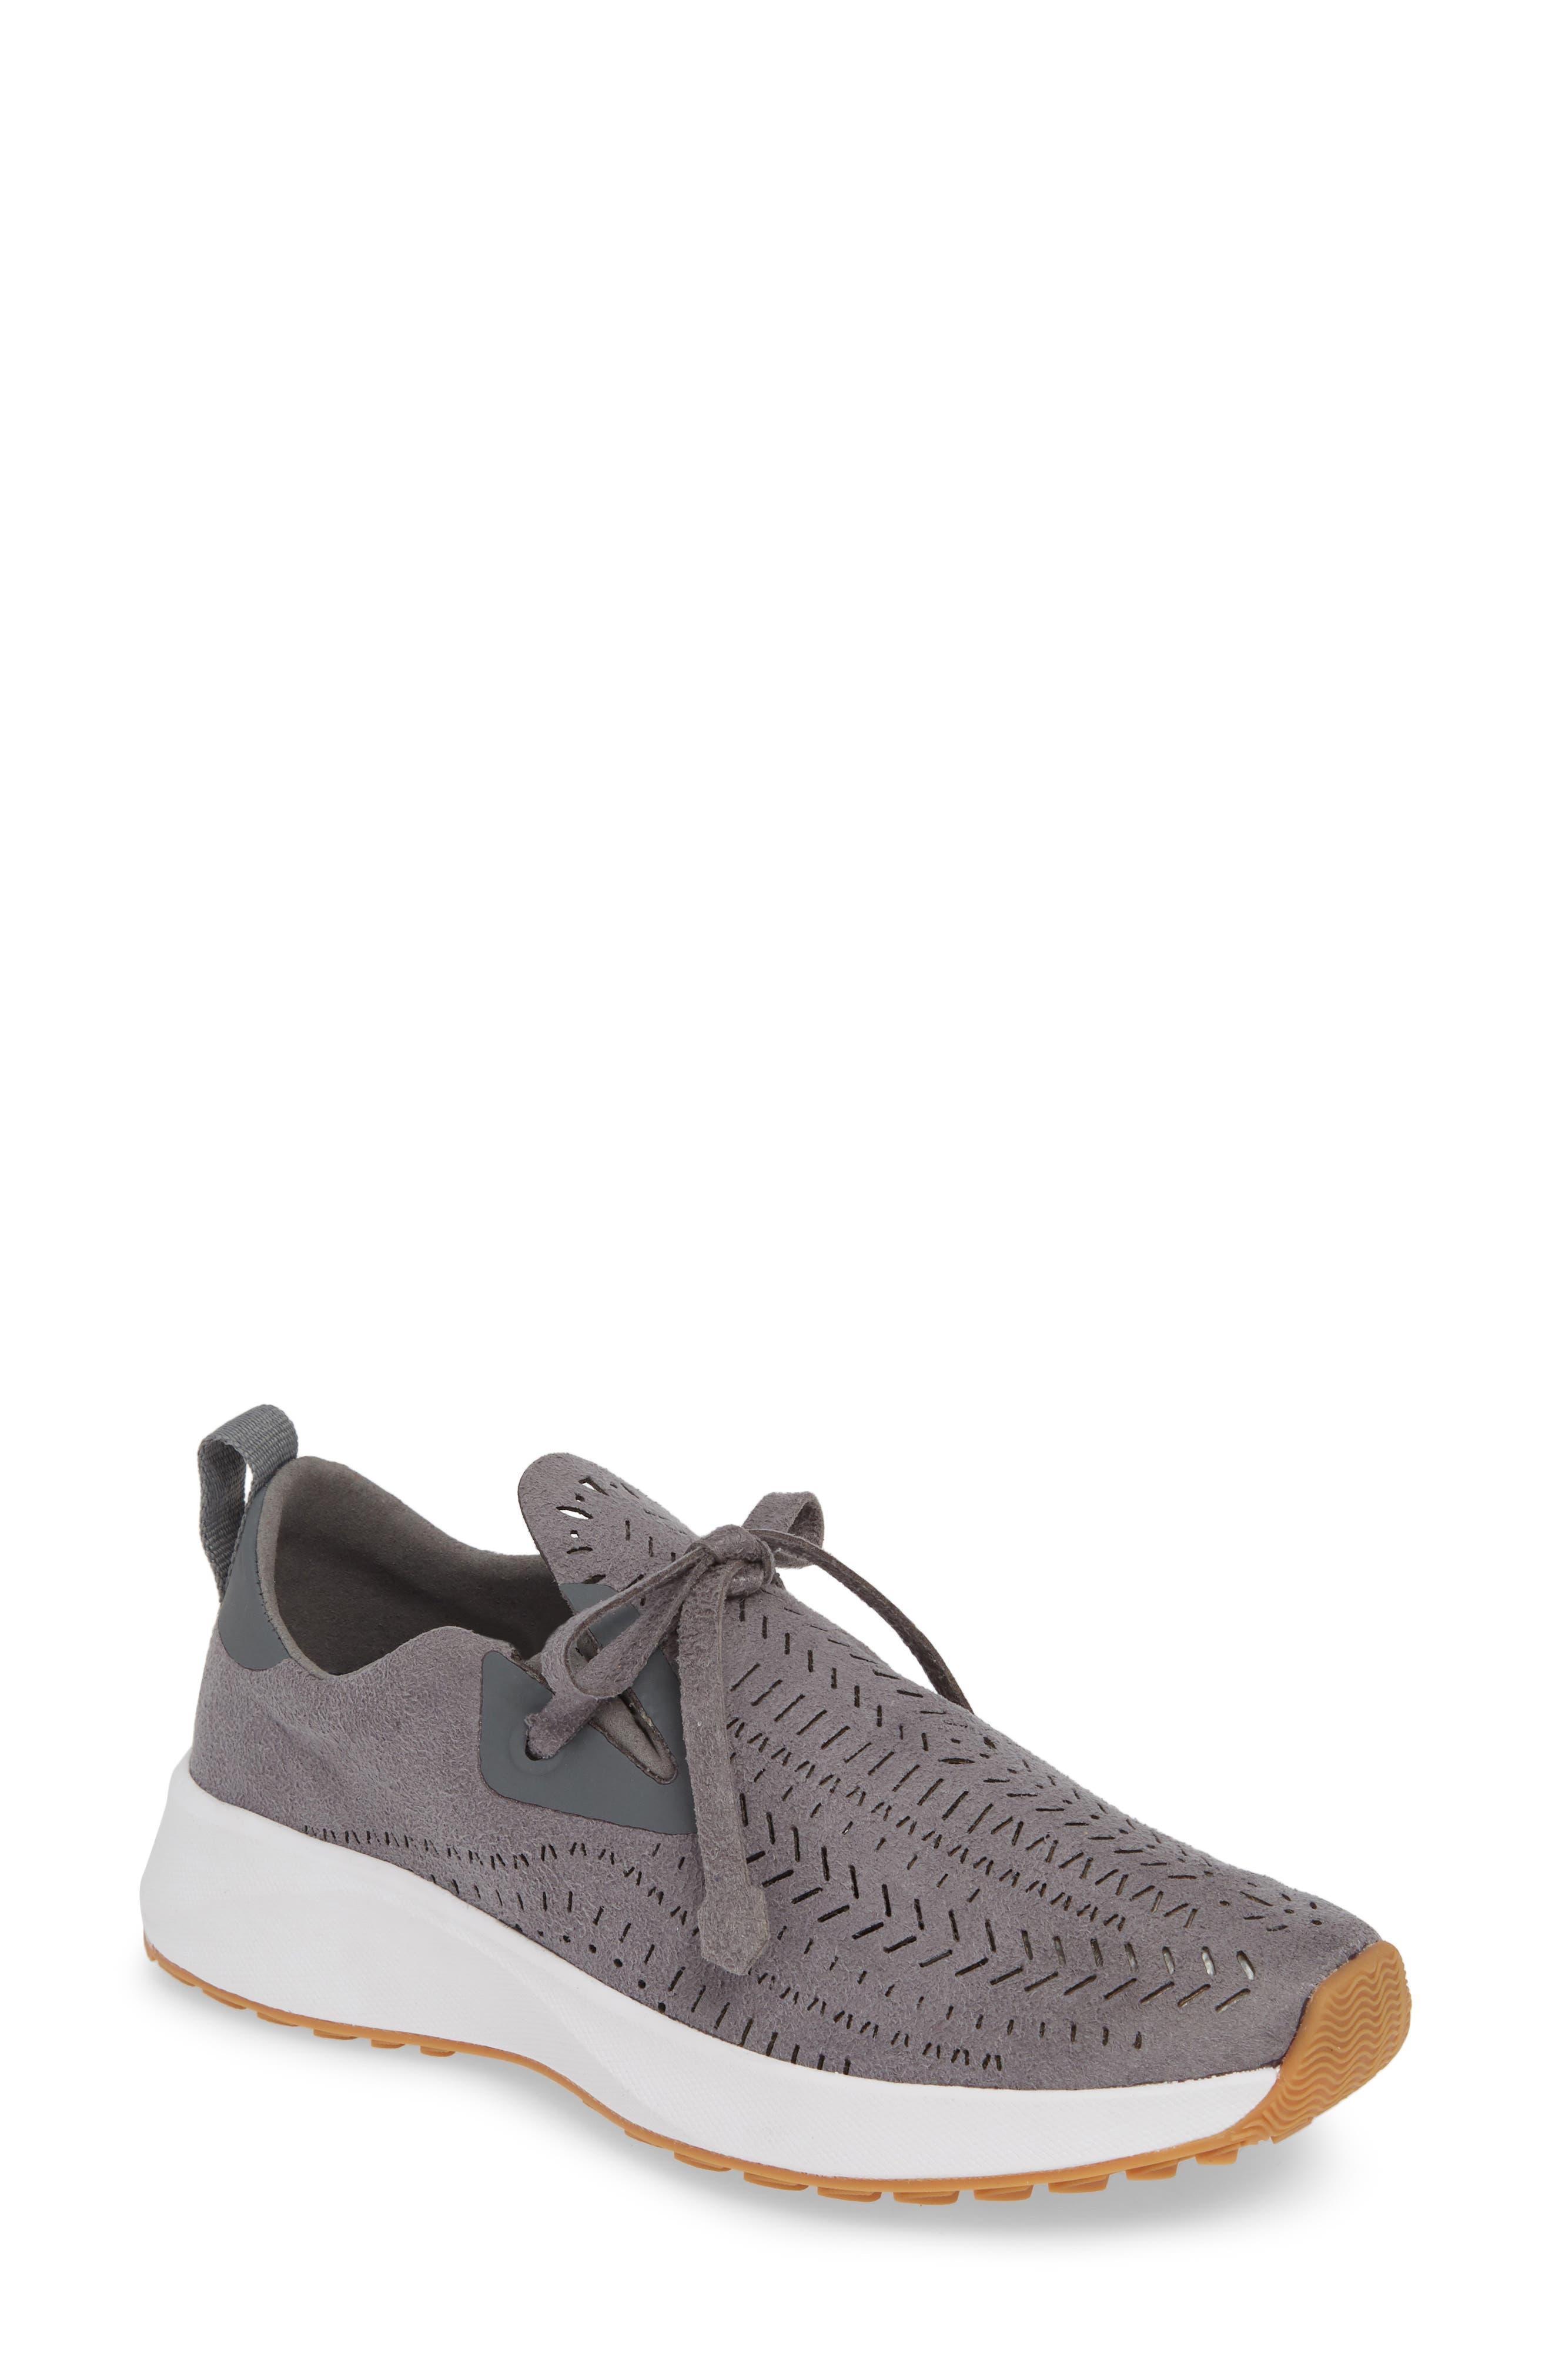 Native Shoes Apollo 2.0 Sneaker